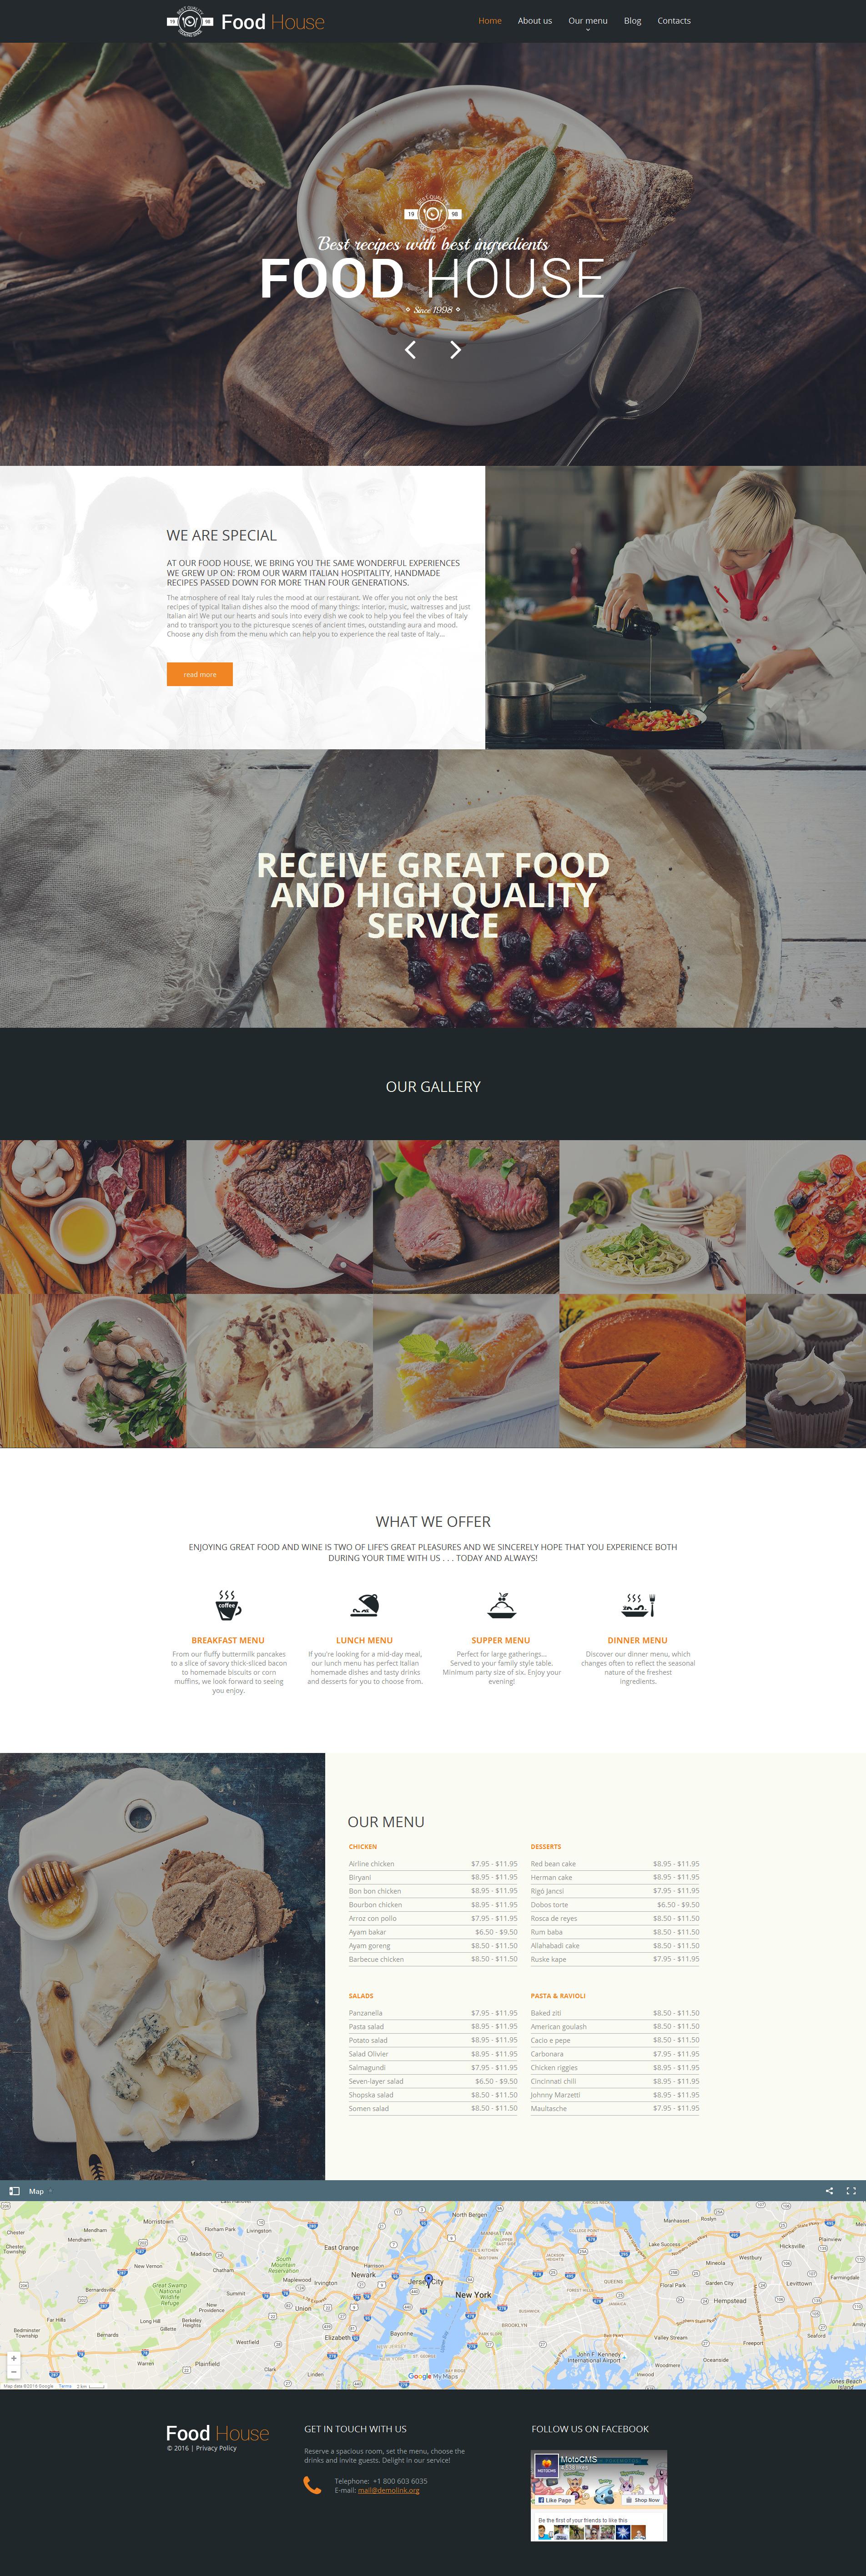 Template Moto CMS HTML para Sites de Comida e Bebida №59157